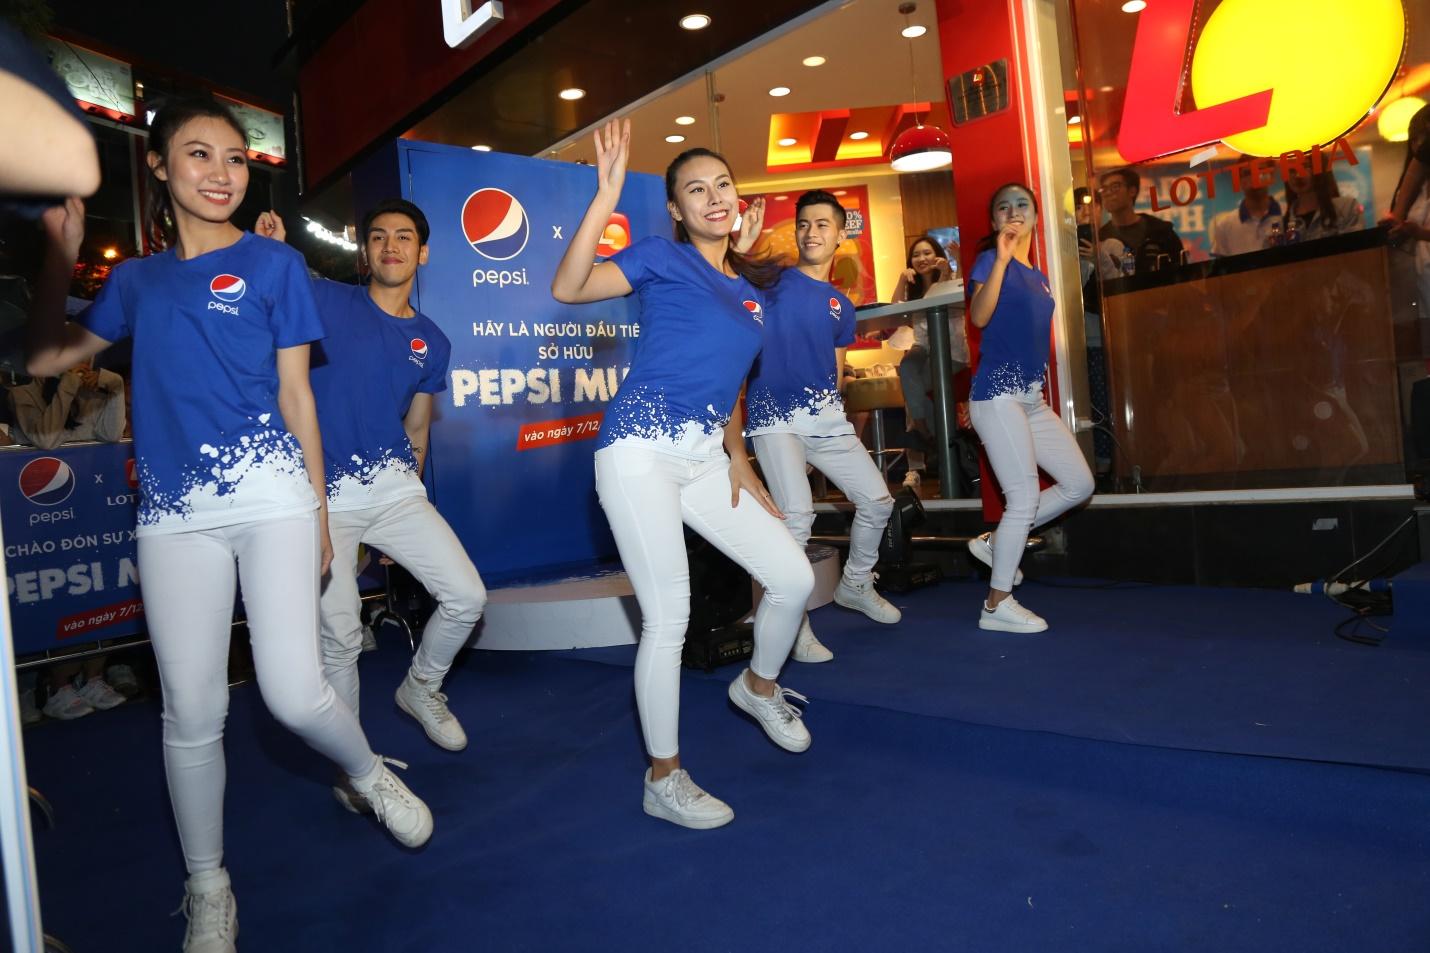 """Thật bất ngờ: Pepsi Muối ra mắt hoành tráng khiến người hâm mộ ví như """"iPhone"""" của làng nước giải khát - Ảnh 5."""